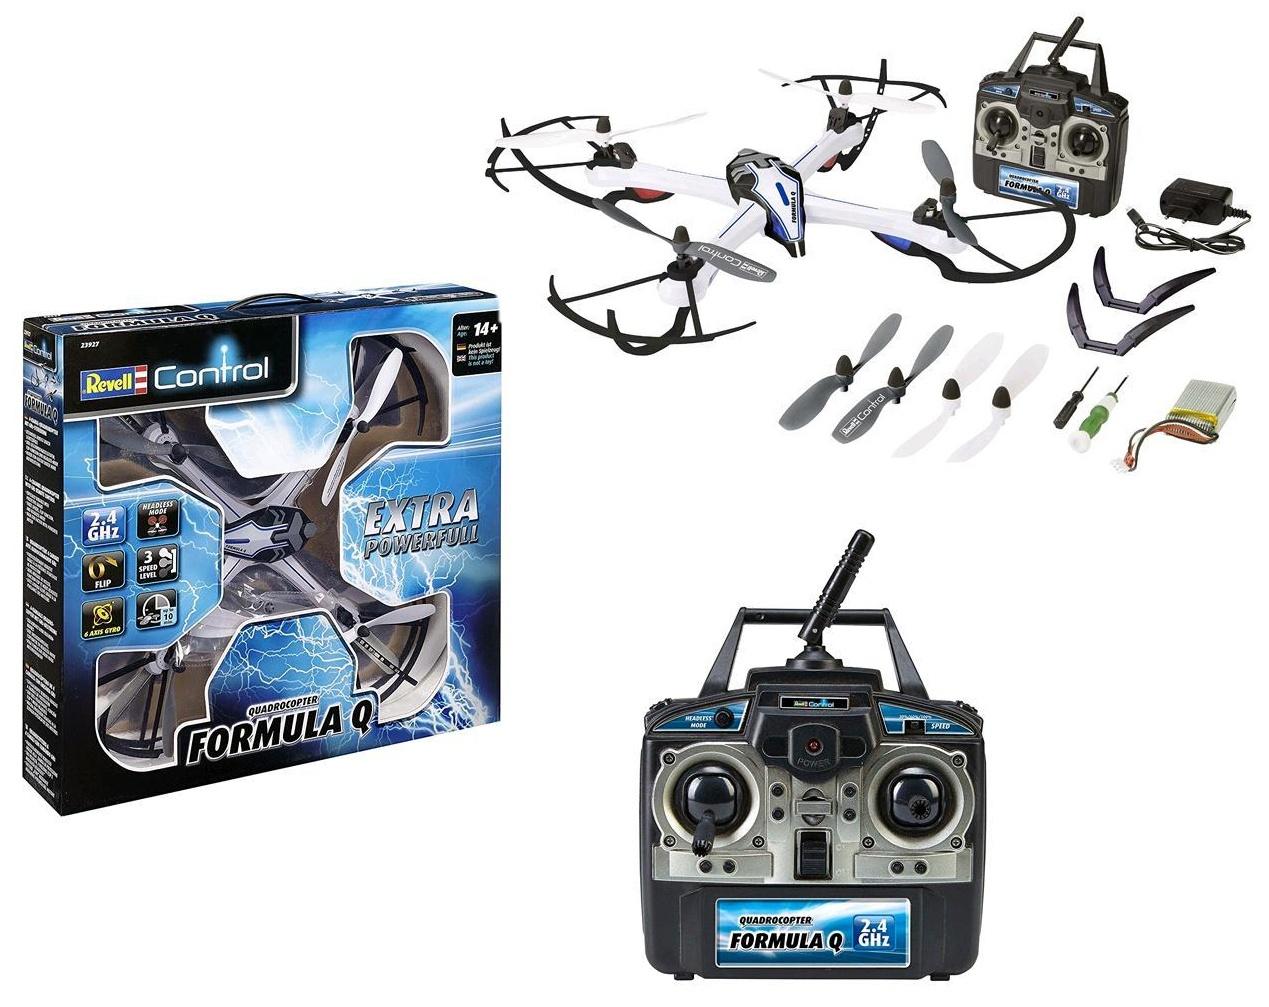 Revell Control Quadcopter Formula